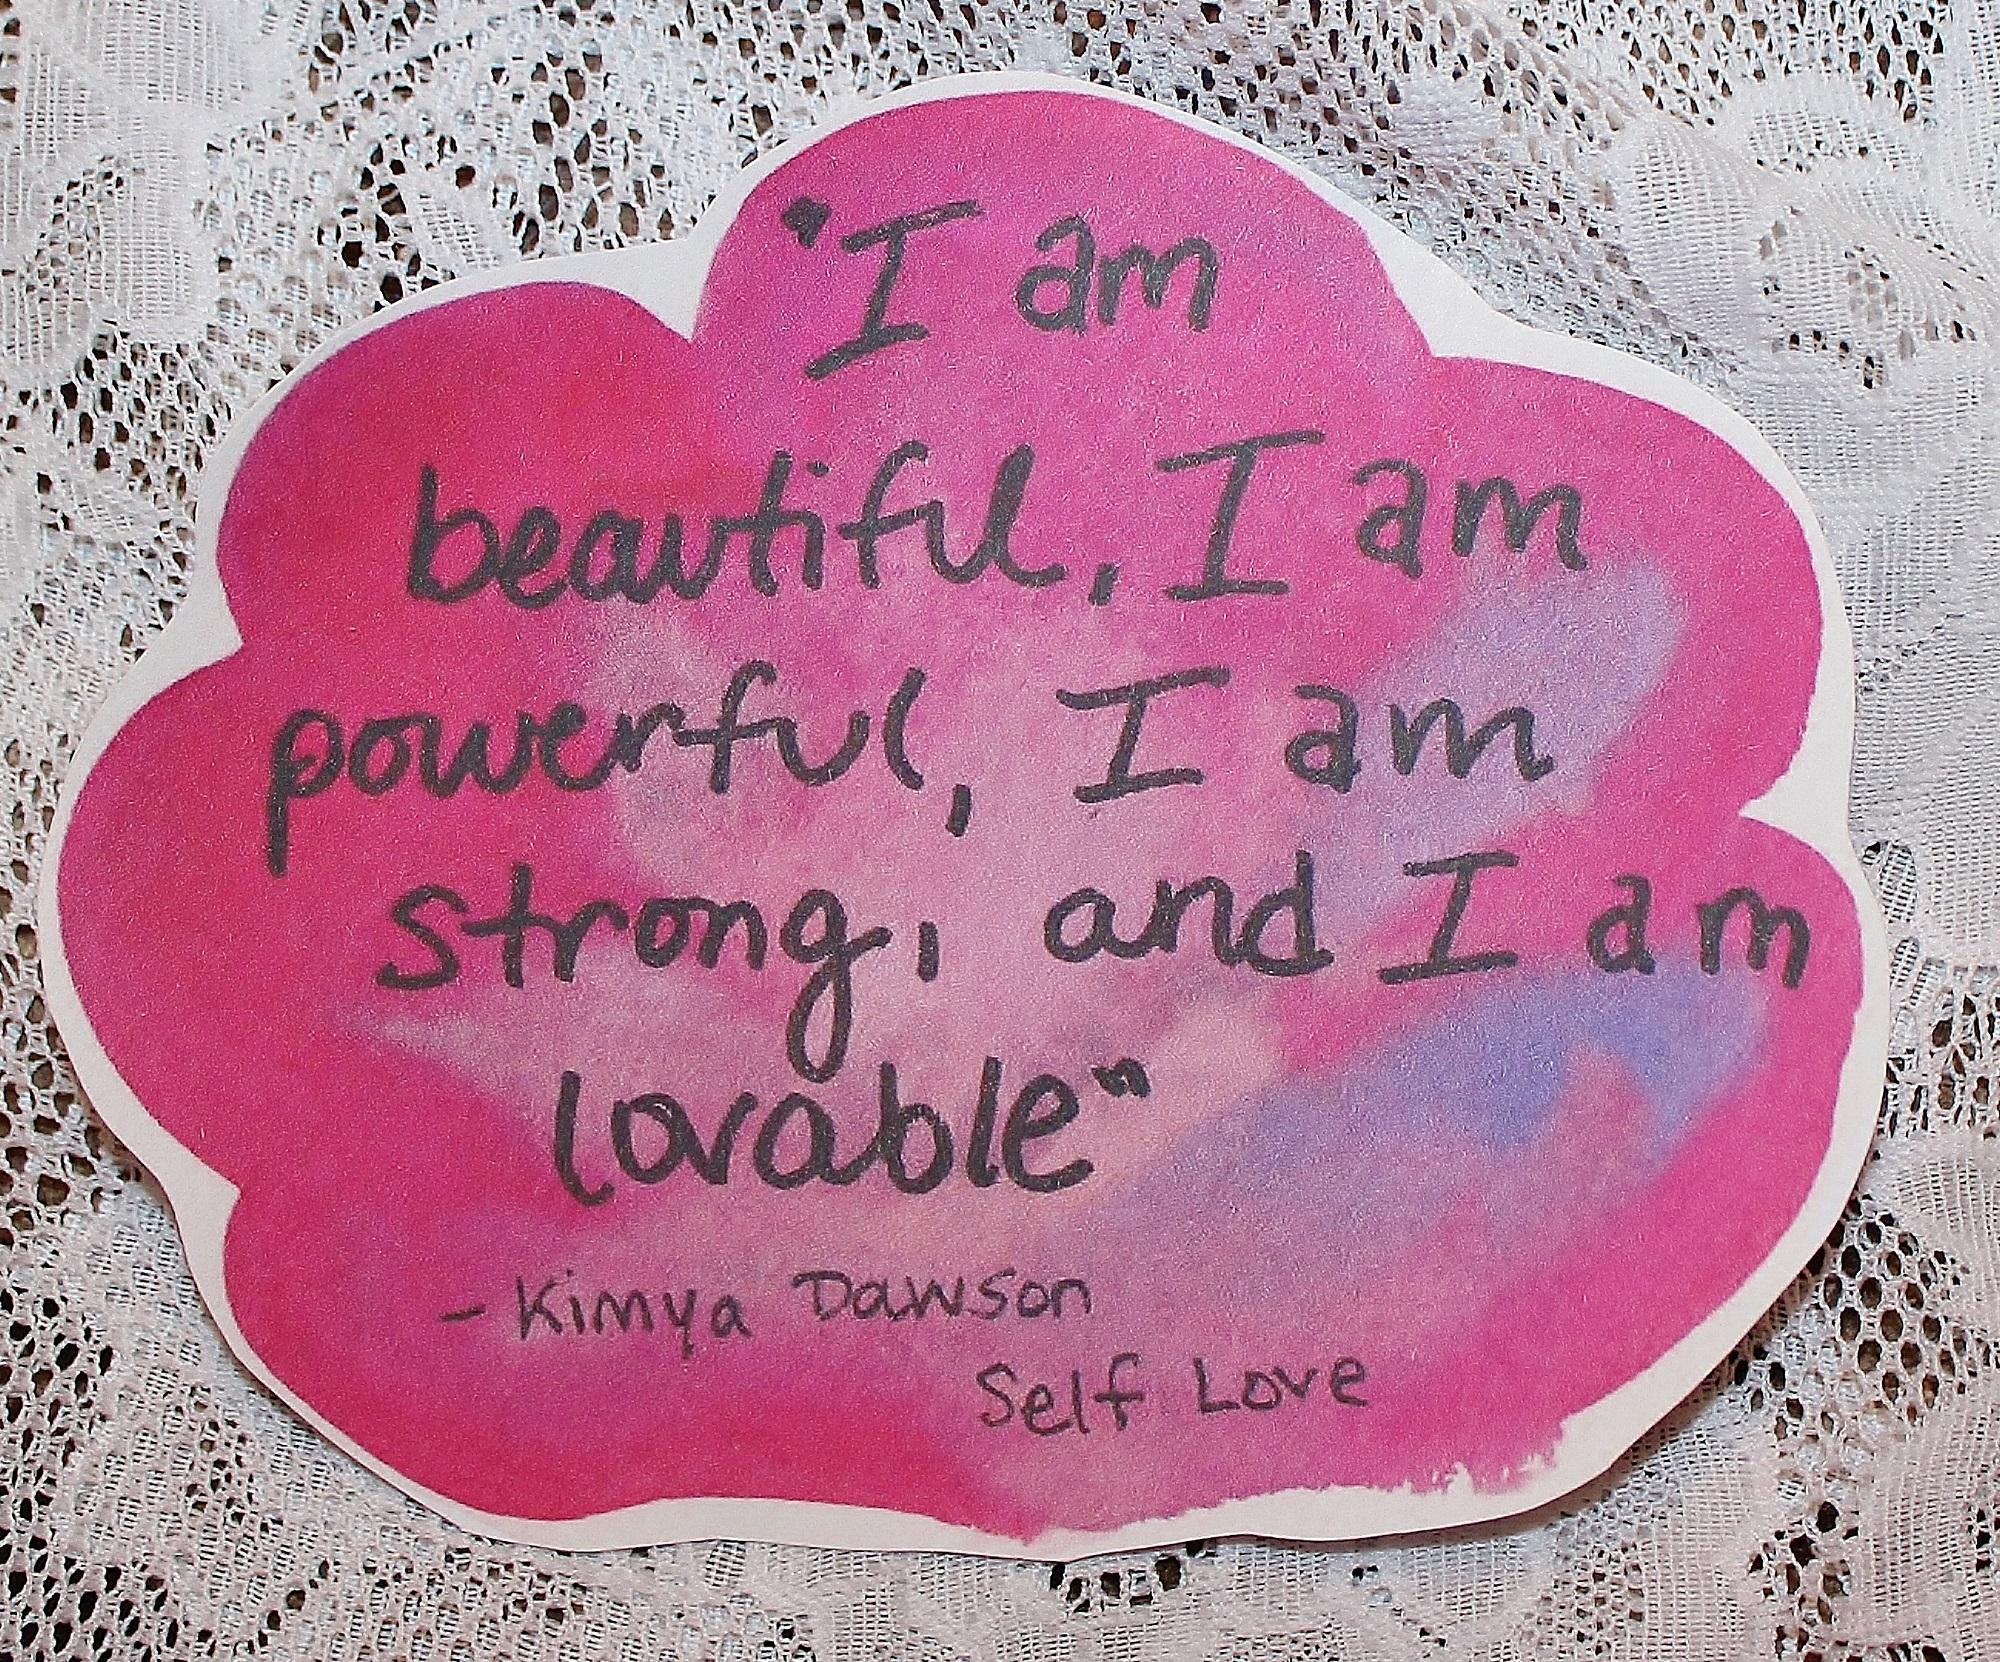 Quote About Self Love Kimya Dawson Self Love Quote Sticker · Taylor Rae Art Studio